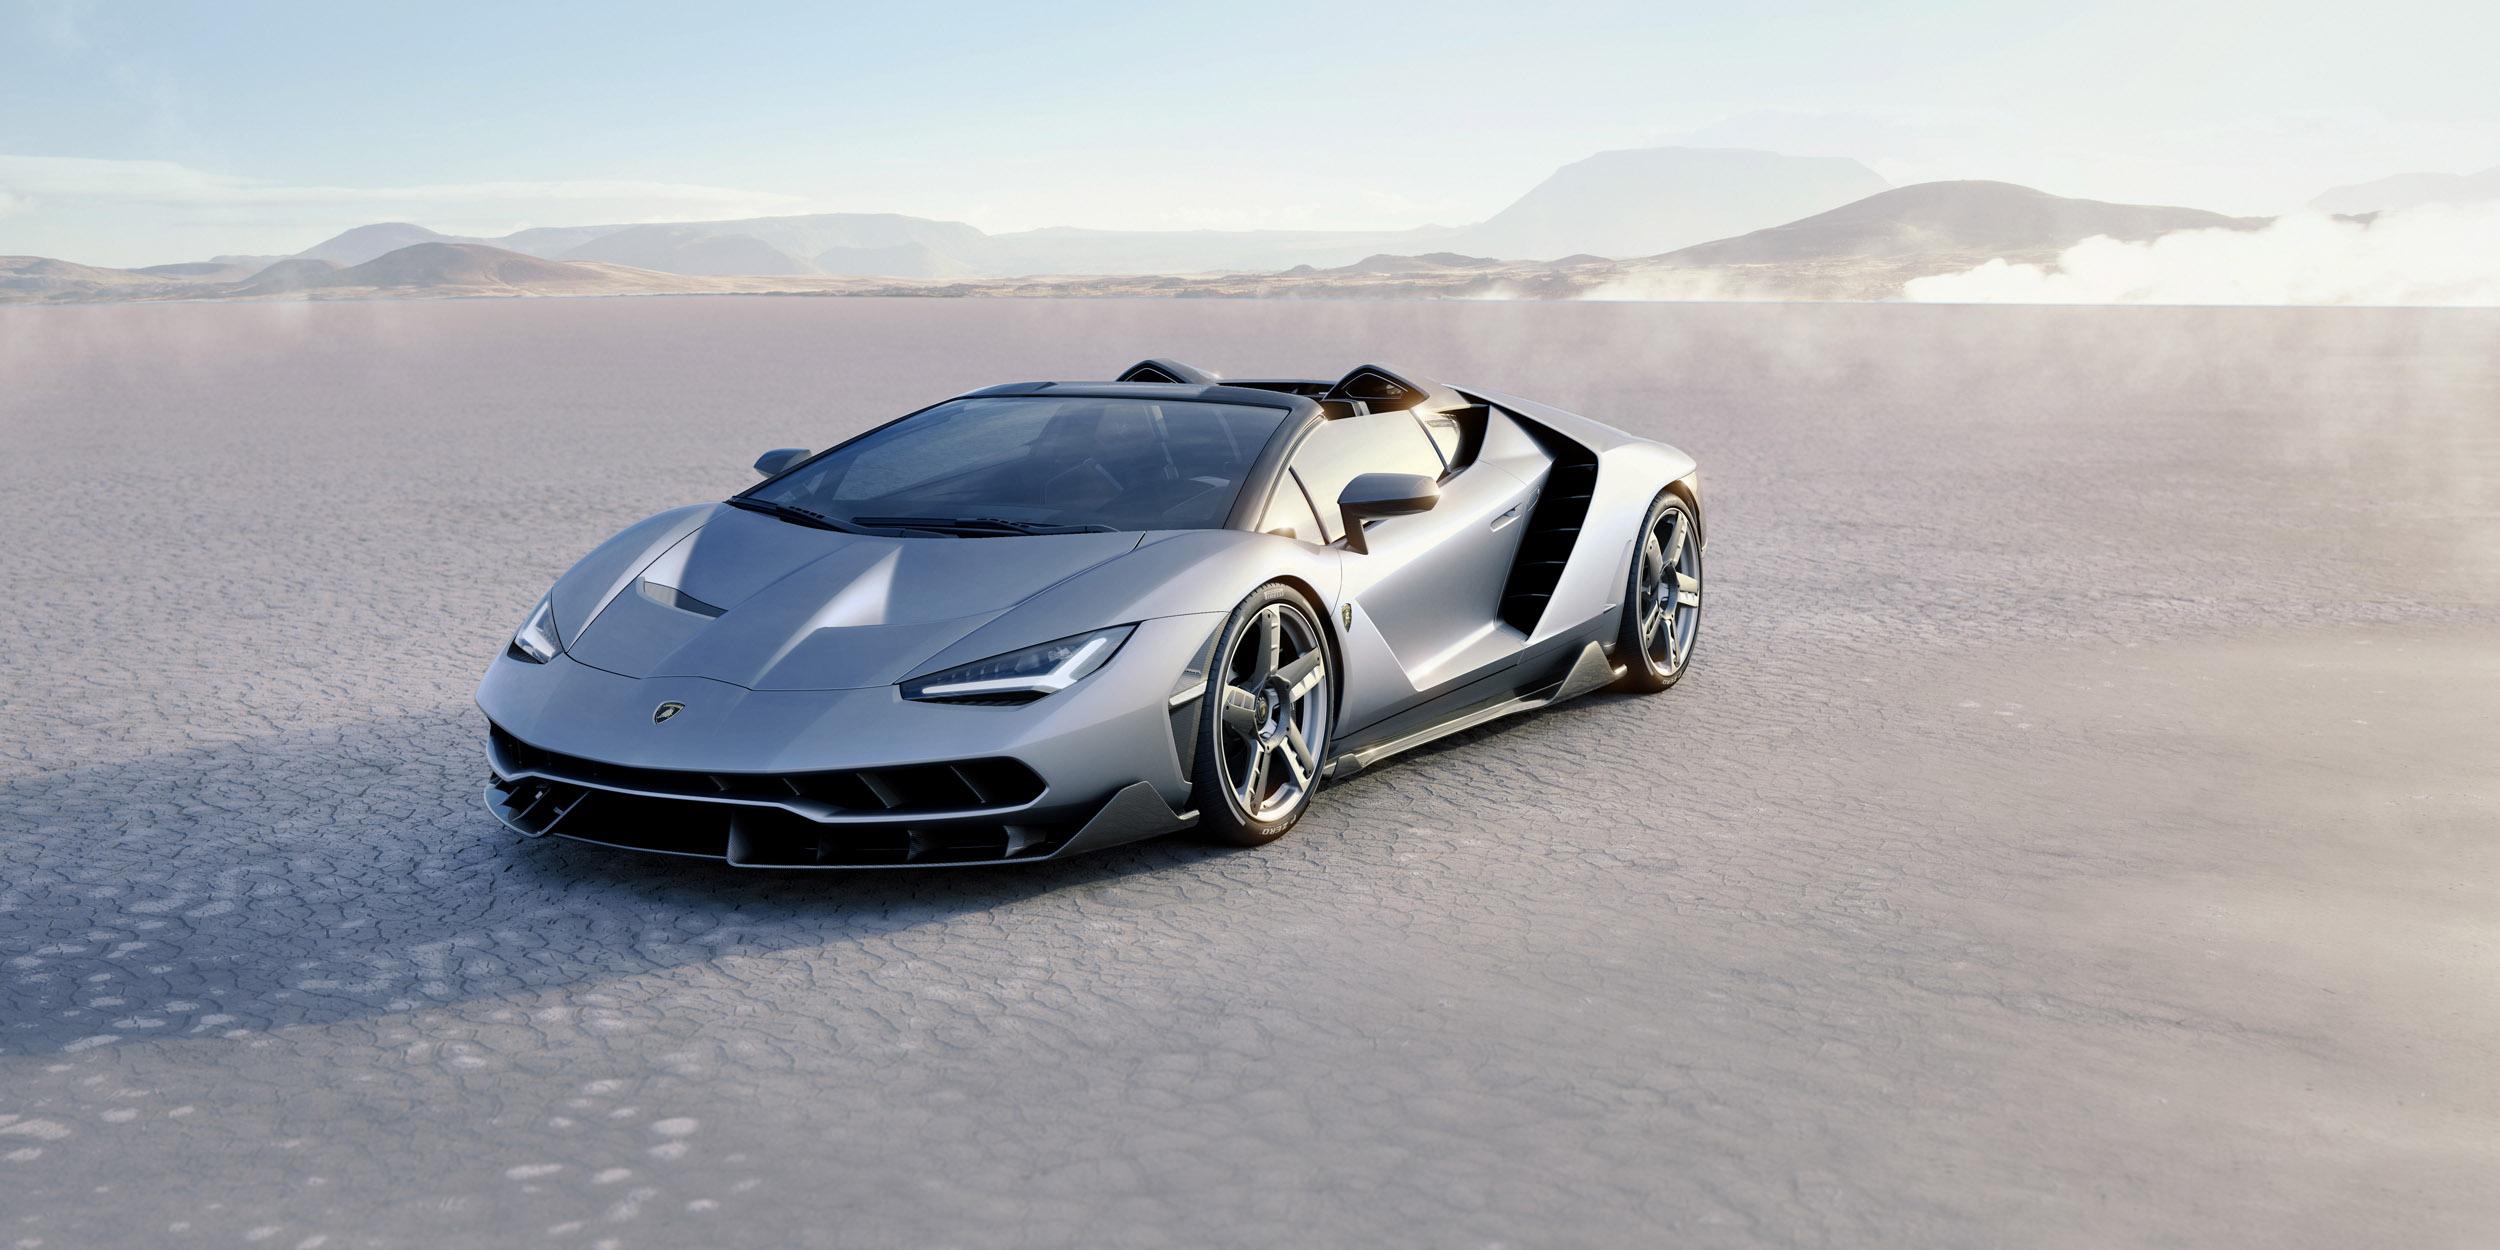 Lamborghini Centenario Roadster revealed